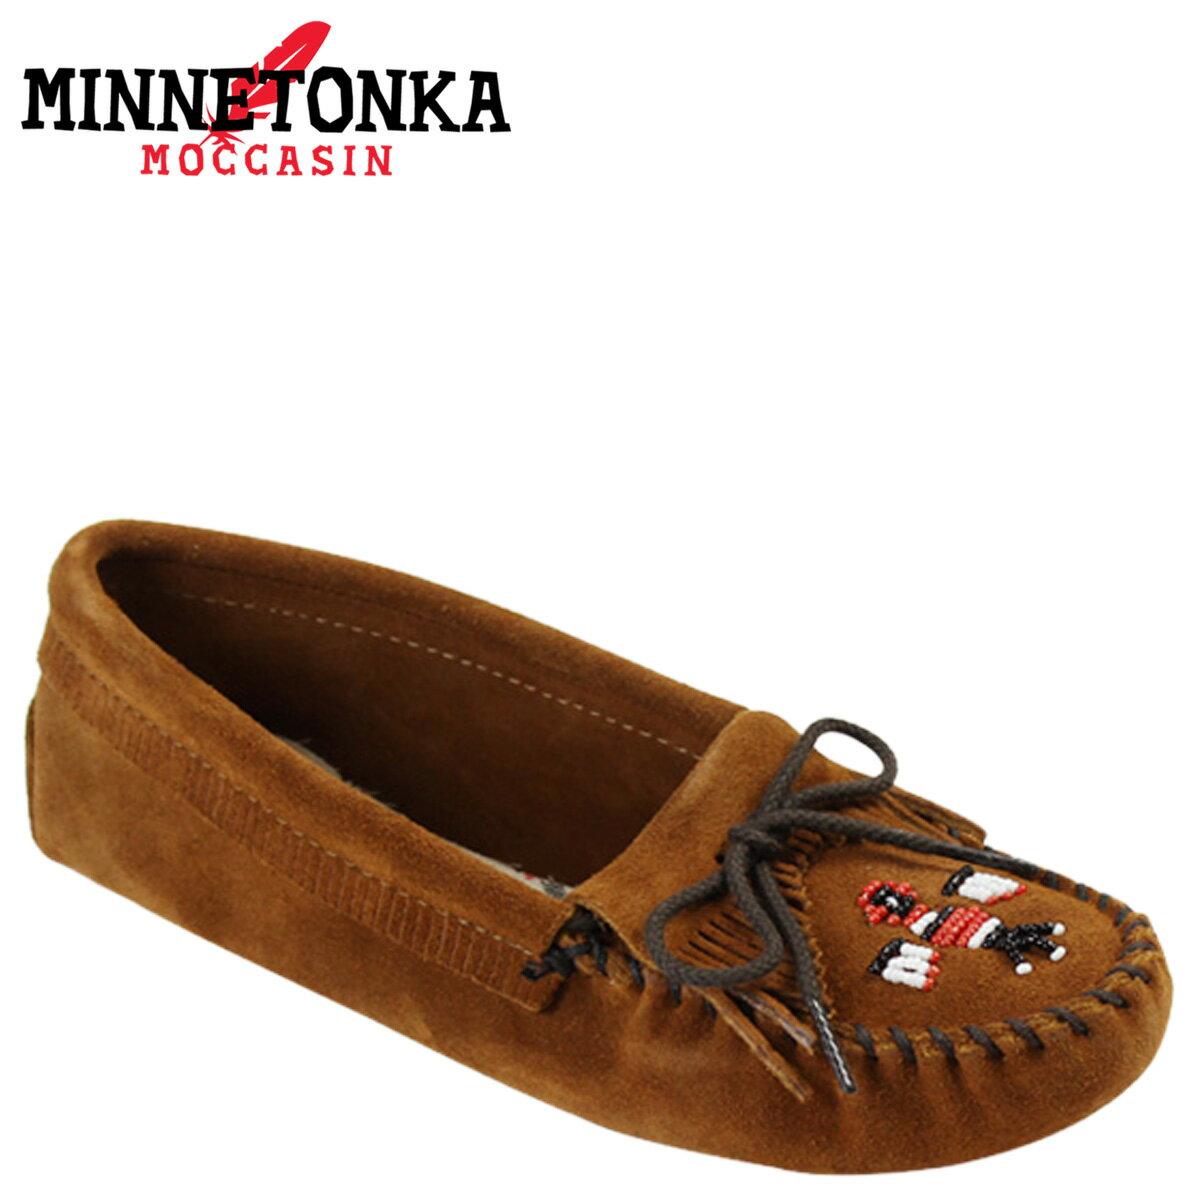 MINNETONKA ミネトンカ モカシン サンダーバード ソフトソール THUNDERBIRD SOFT SOLE レディース